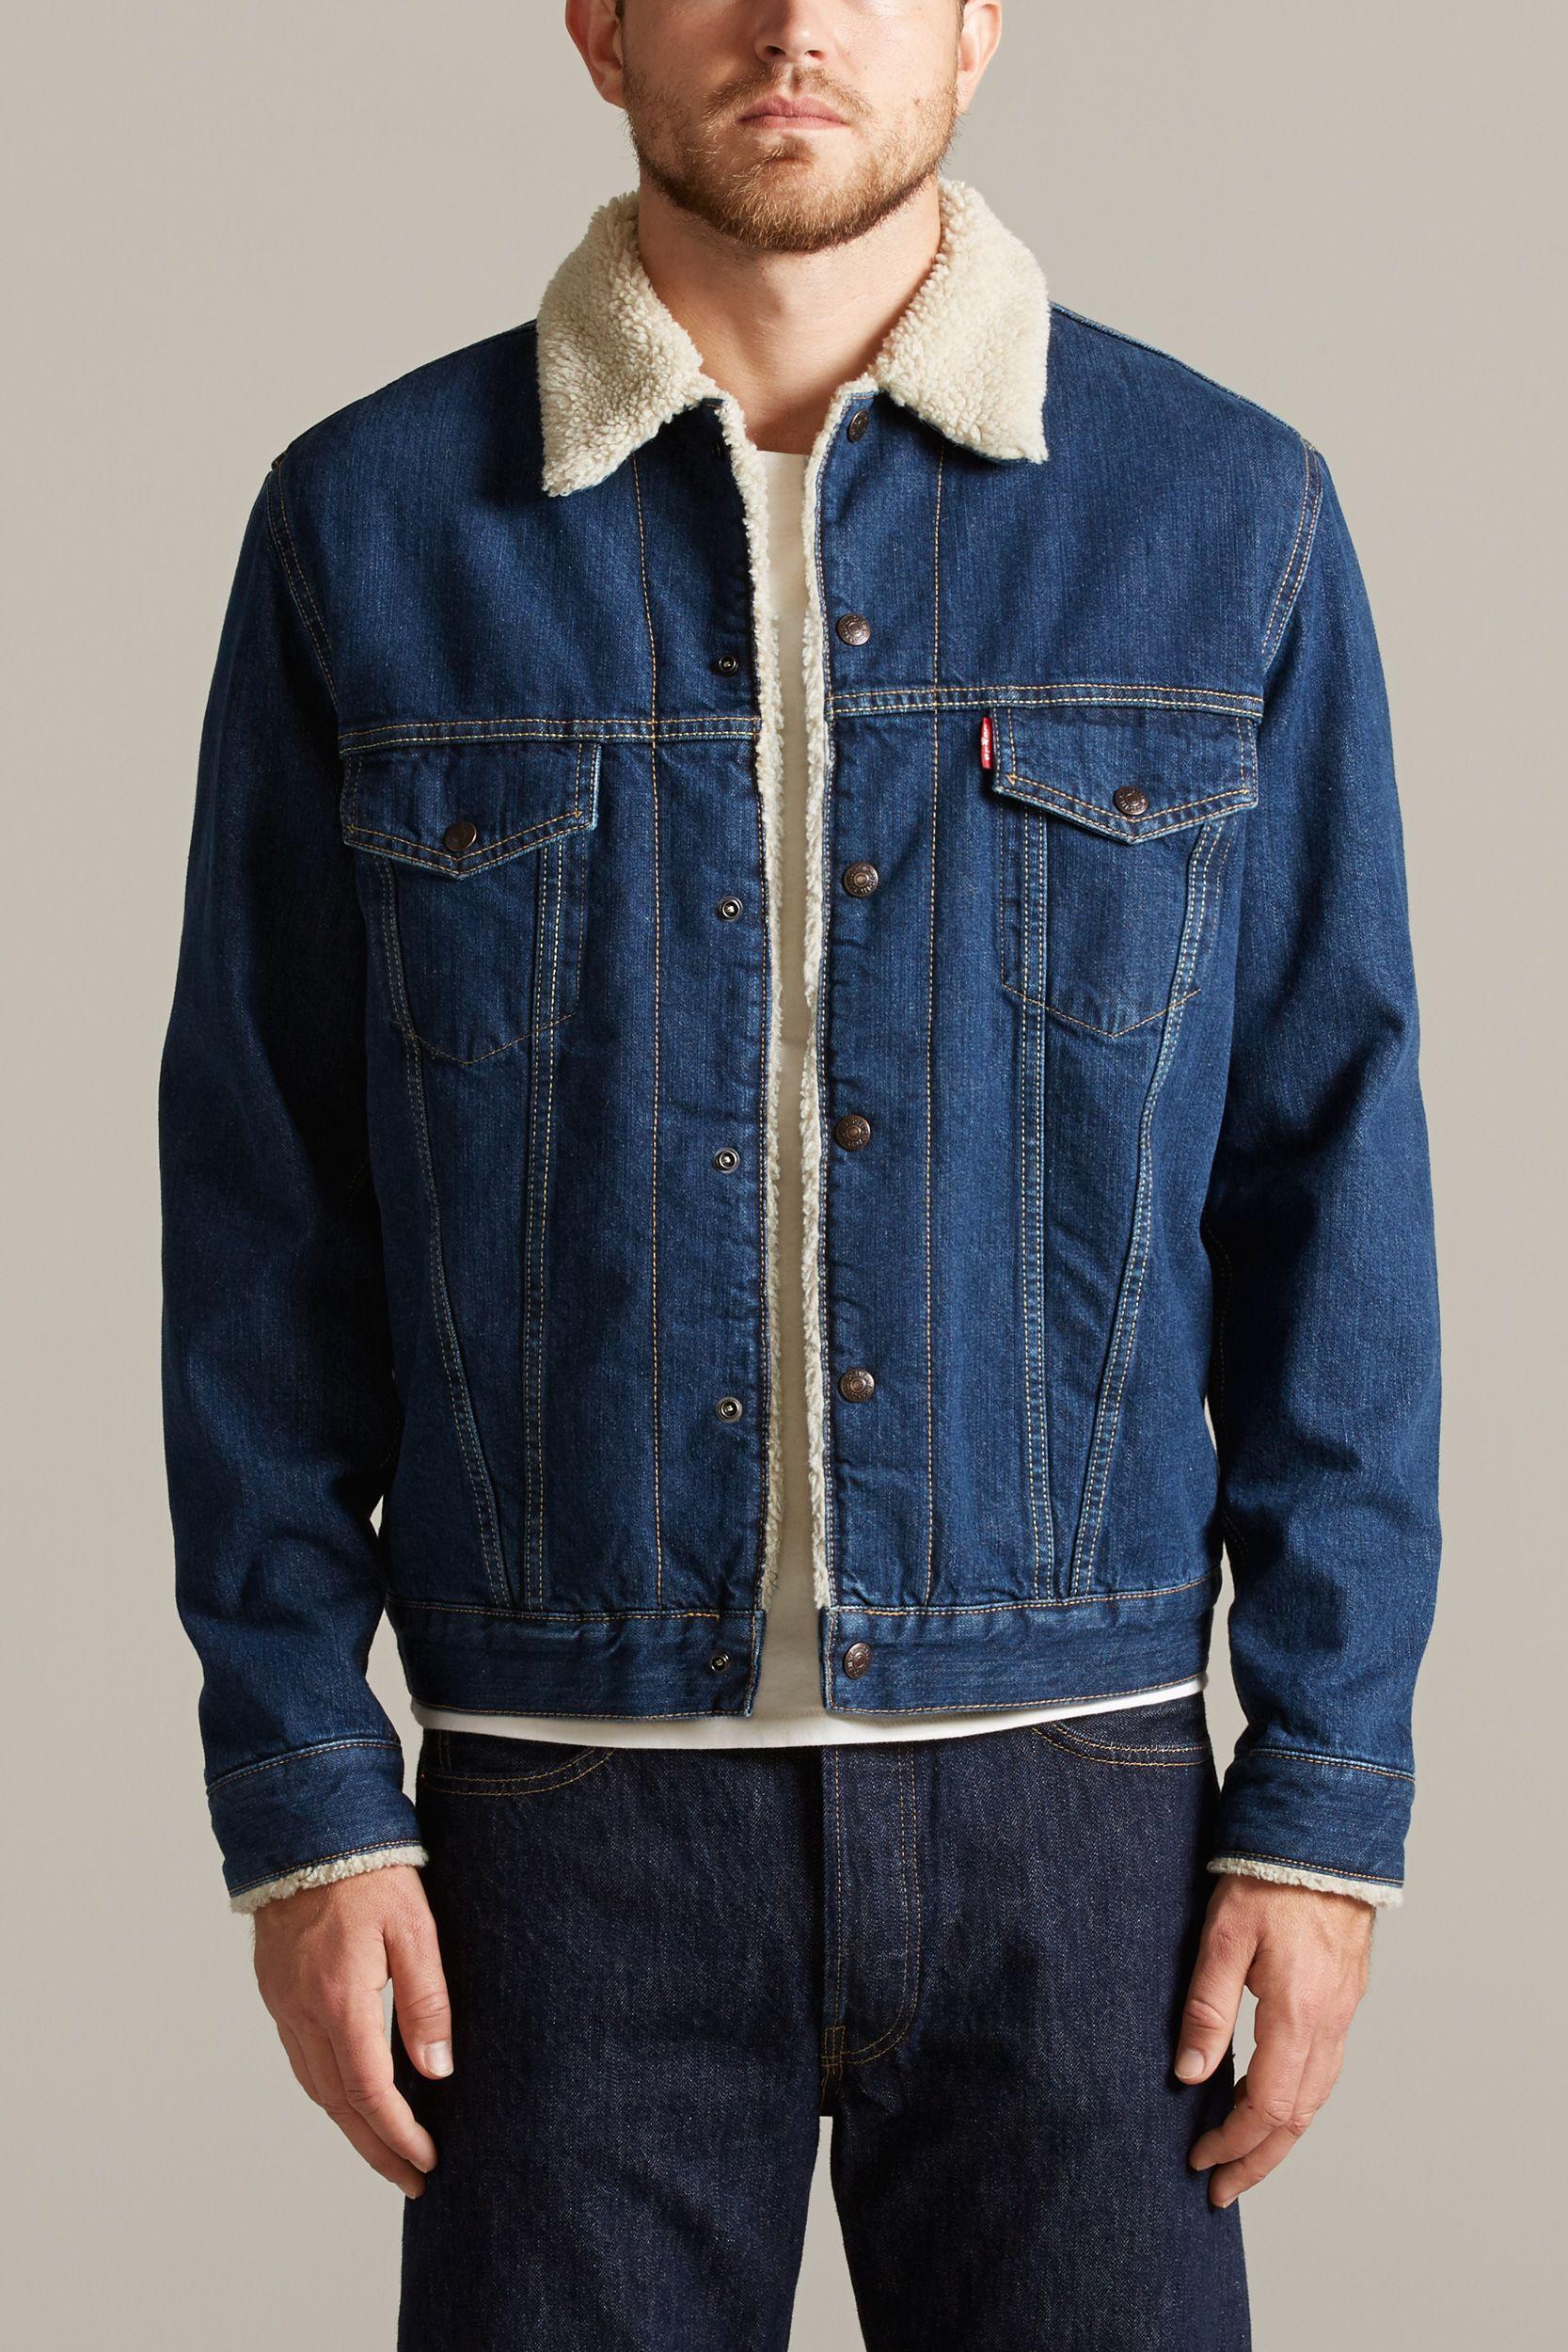 cdbe6c44578 1967 T-III SHERPA LINED TRUCKER | Levi's Vintage Clothing | Fleece ...